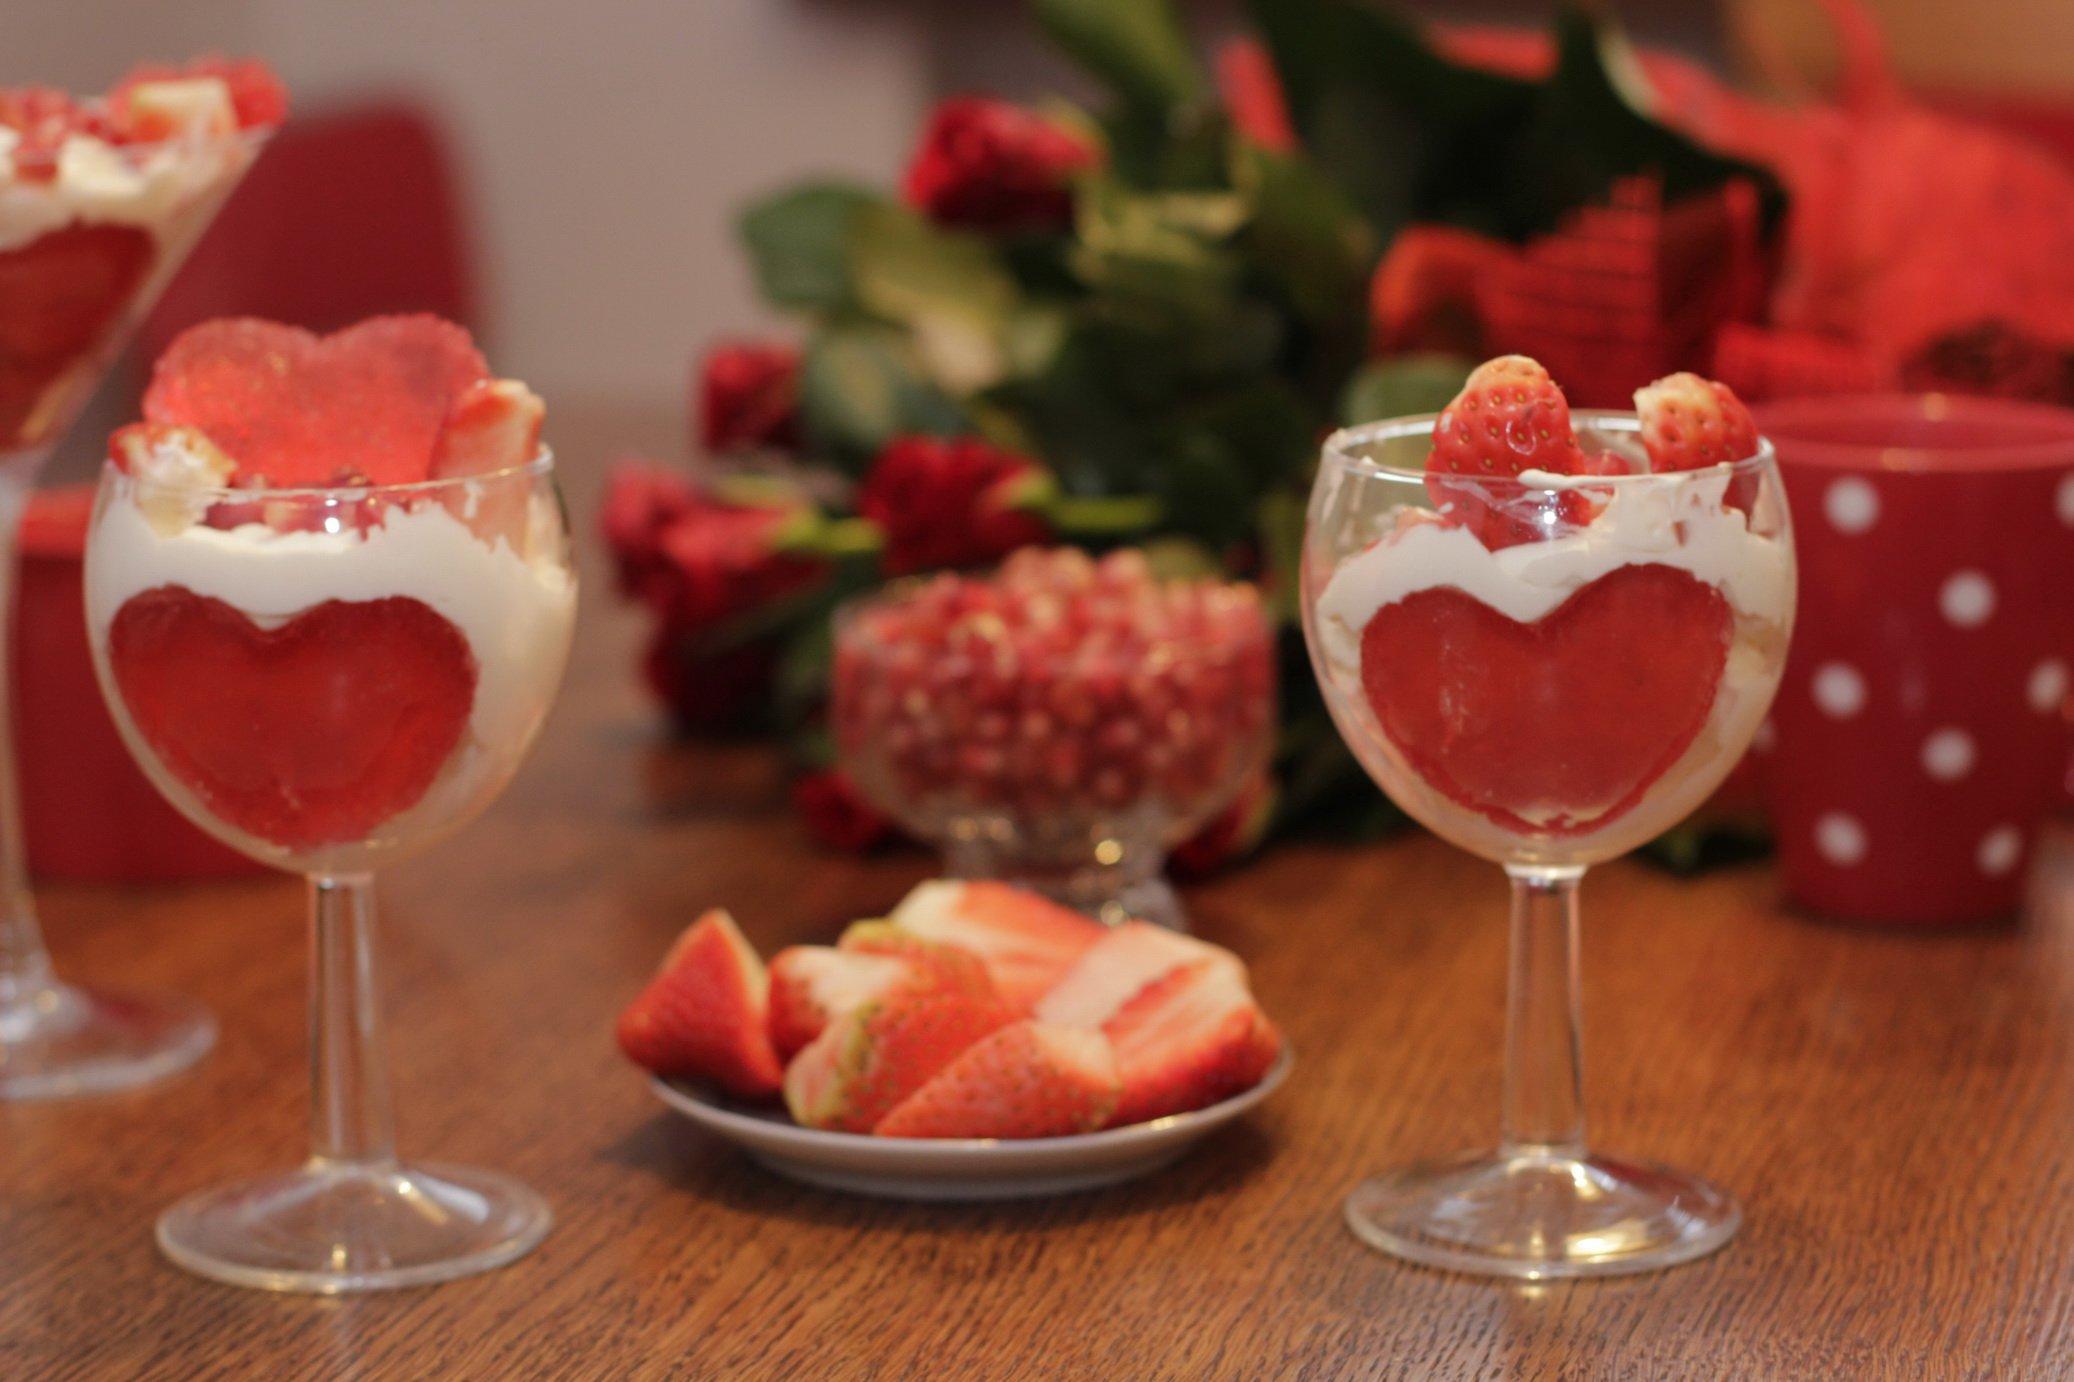 przepis na Walentynkowy deser z serduszkiem jak zrobic